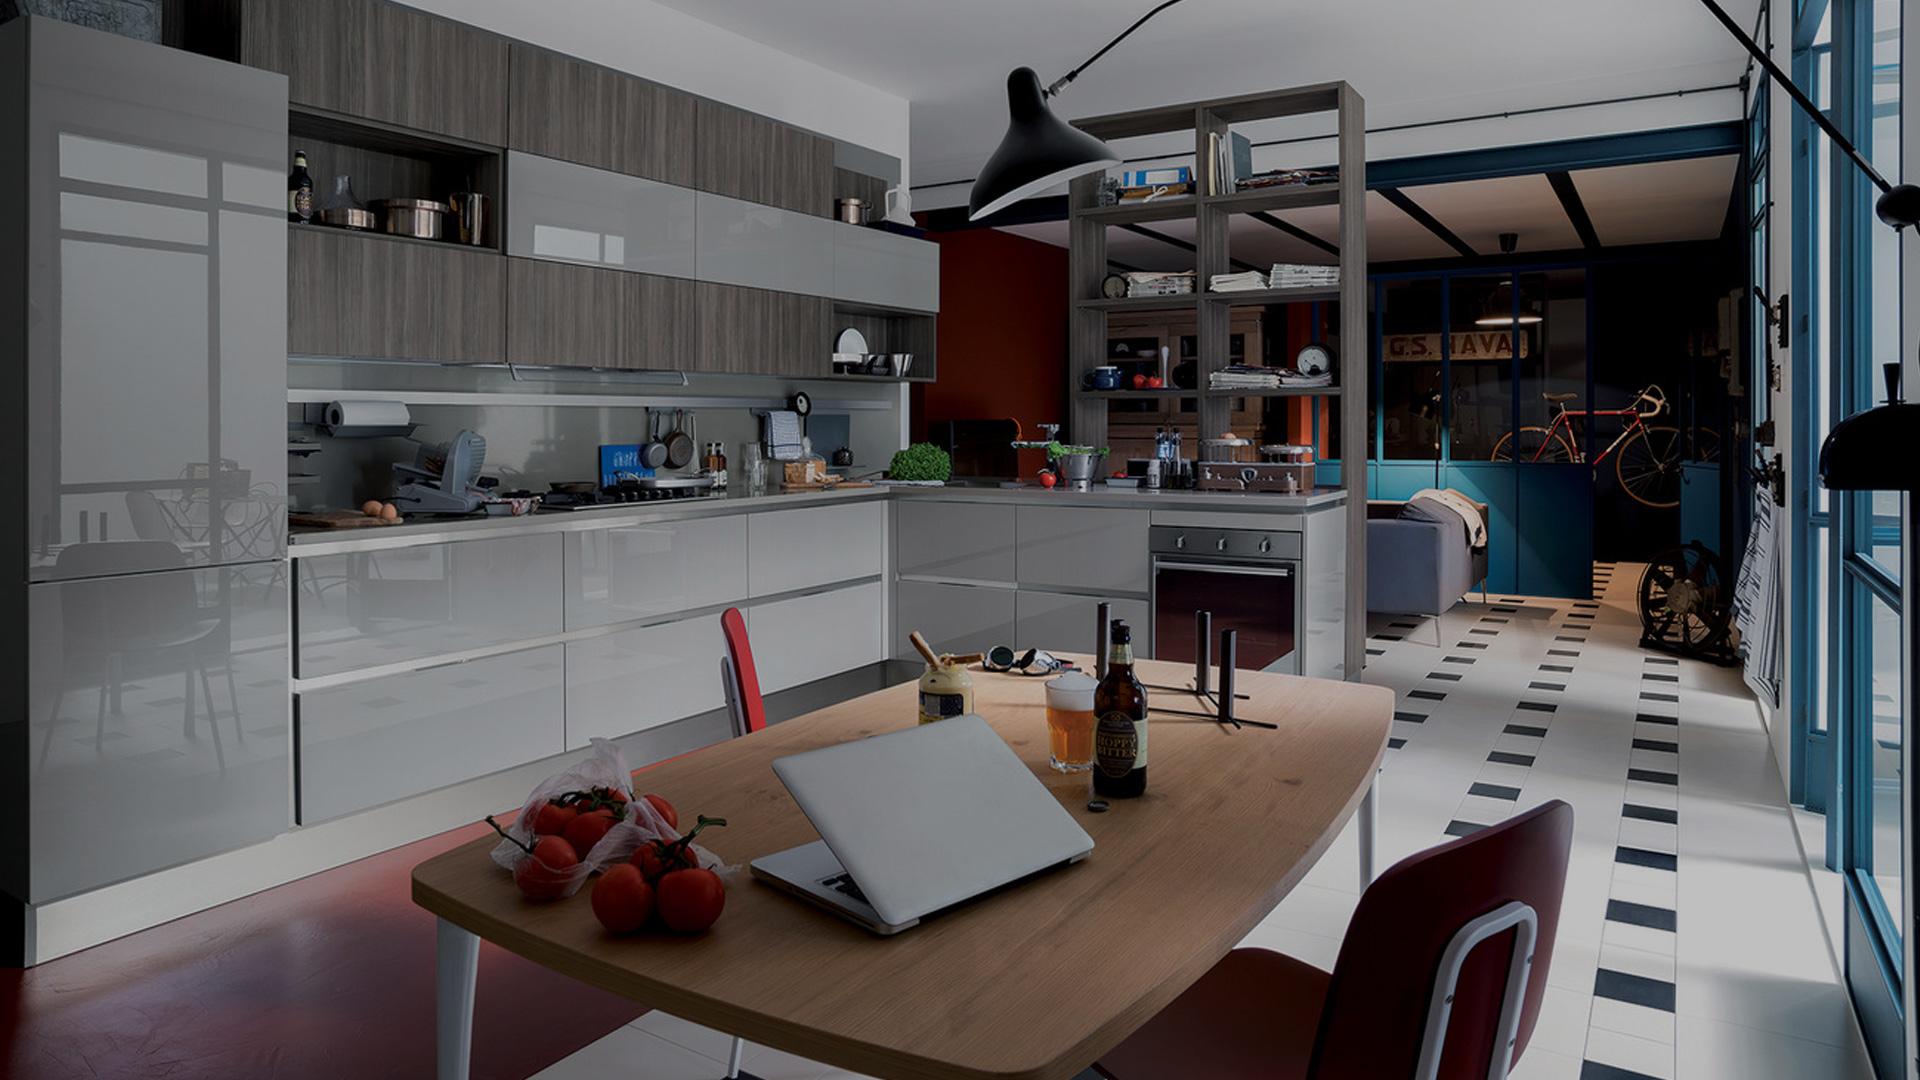 Veneta cucine lissone le soluzioni di resnati mobili - Mobili veneta cucine ...